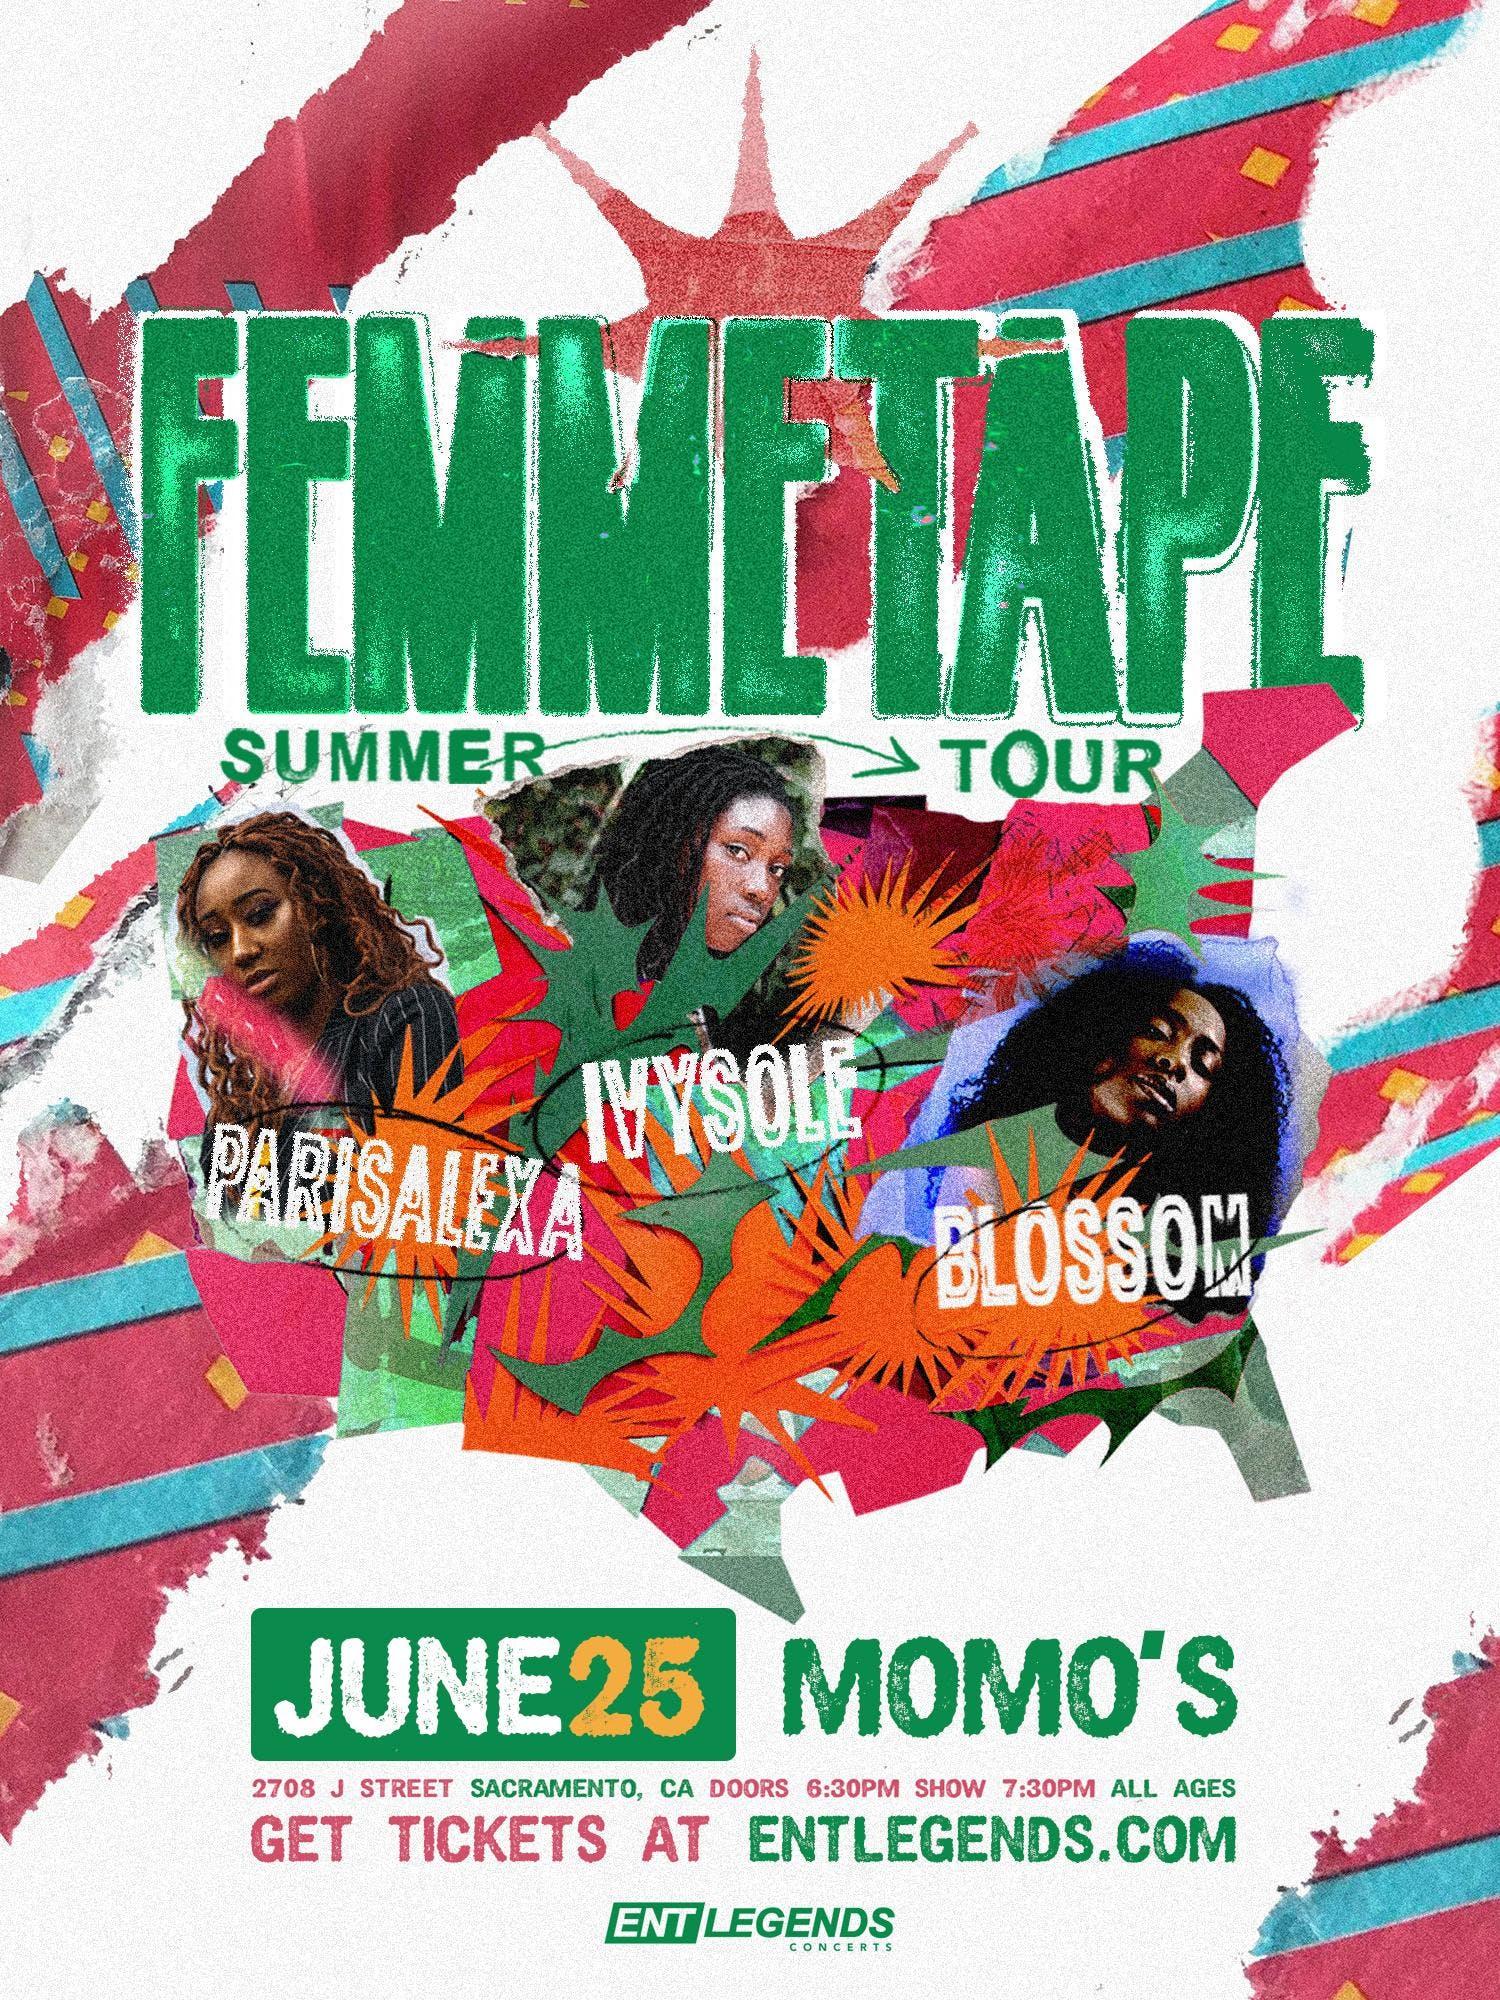 Ivy Sole, Blossom, & Parisalexa: The FEMMETAPE Tour